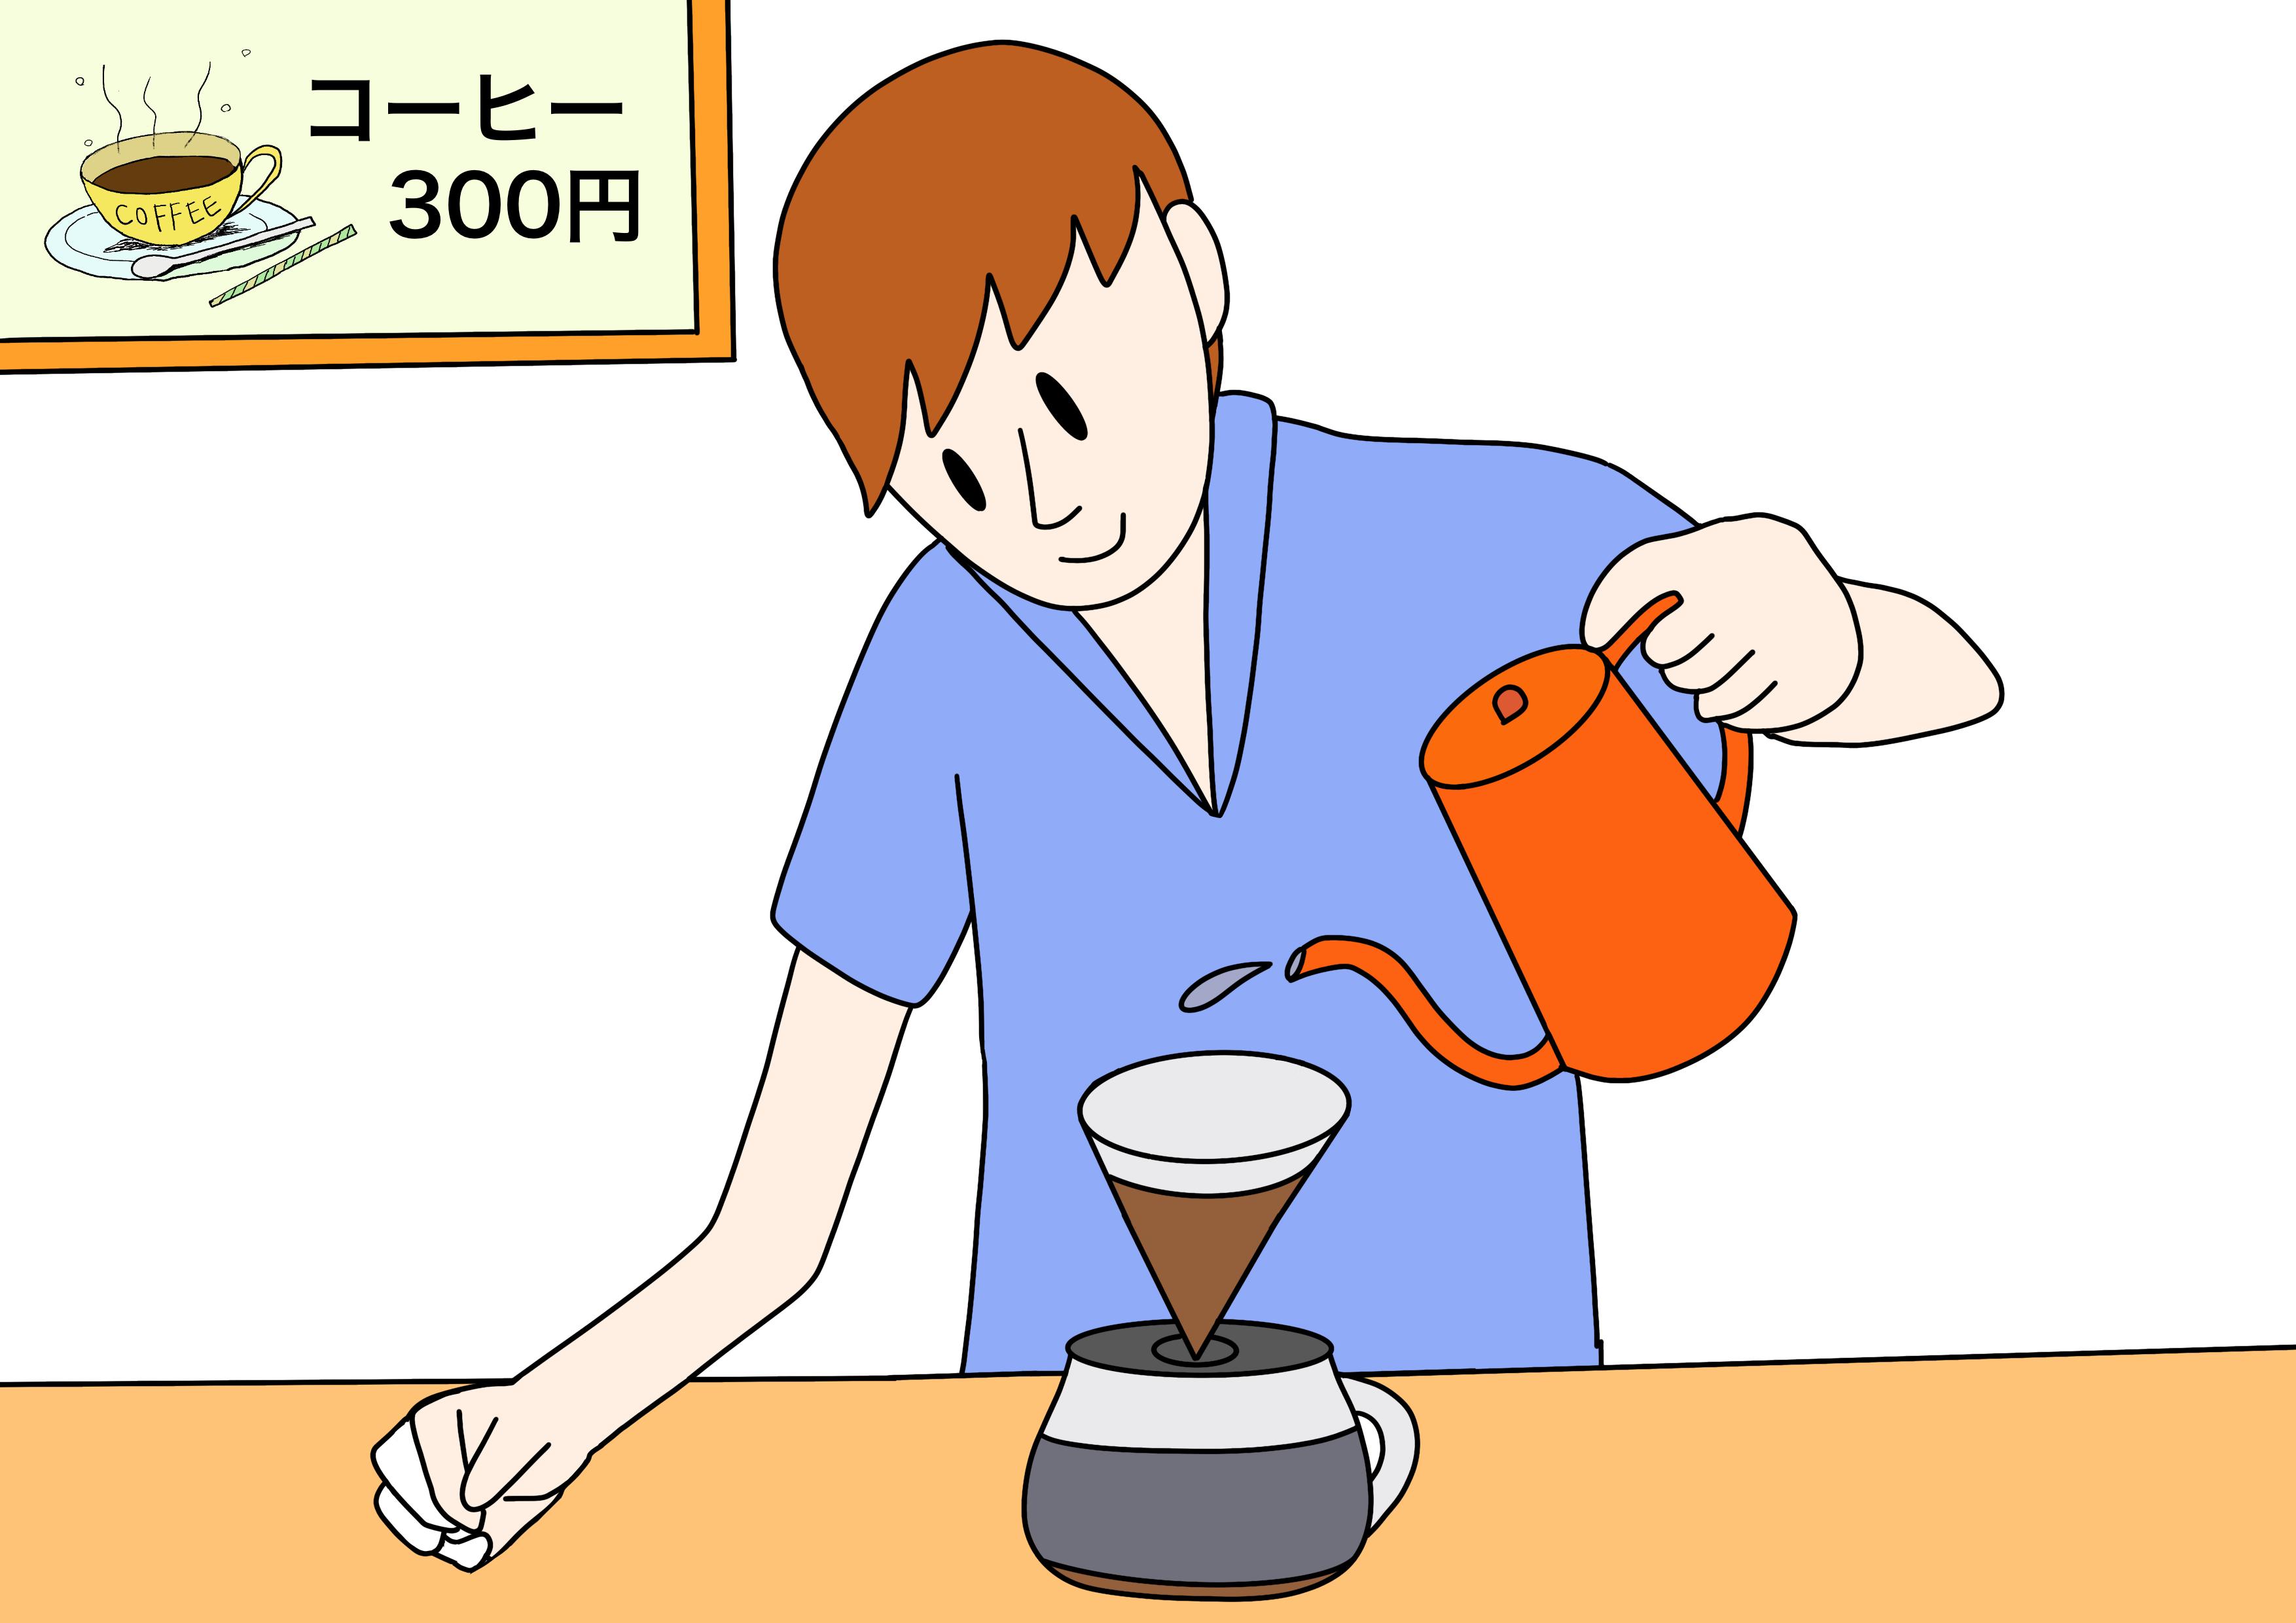 50課イラスト【コーヒーを淹れる/喫茶店】